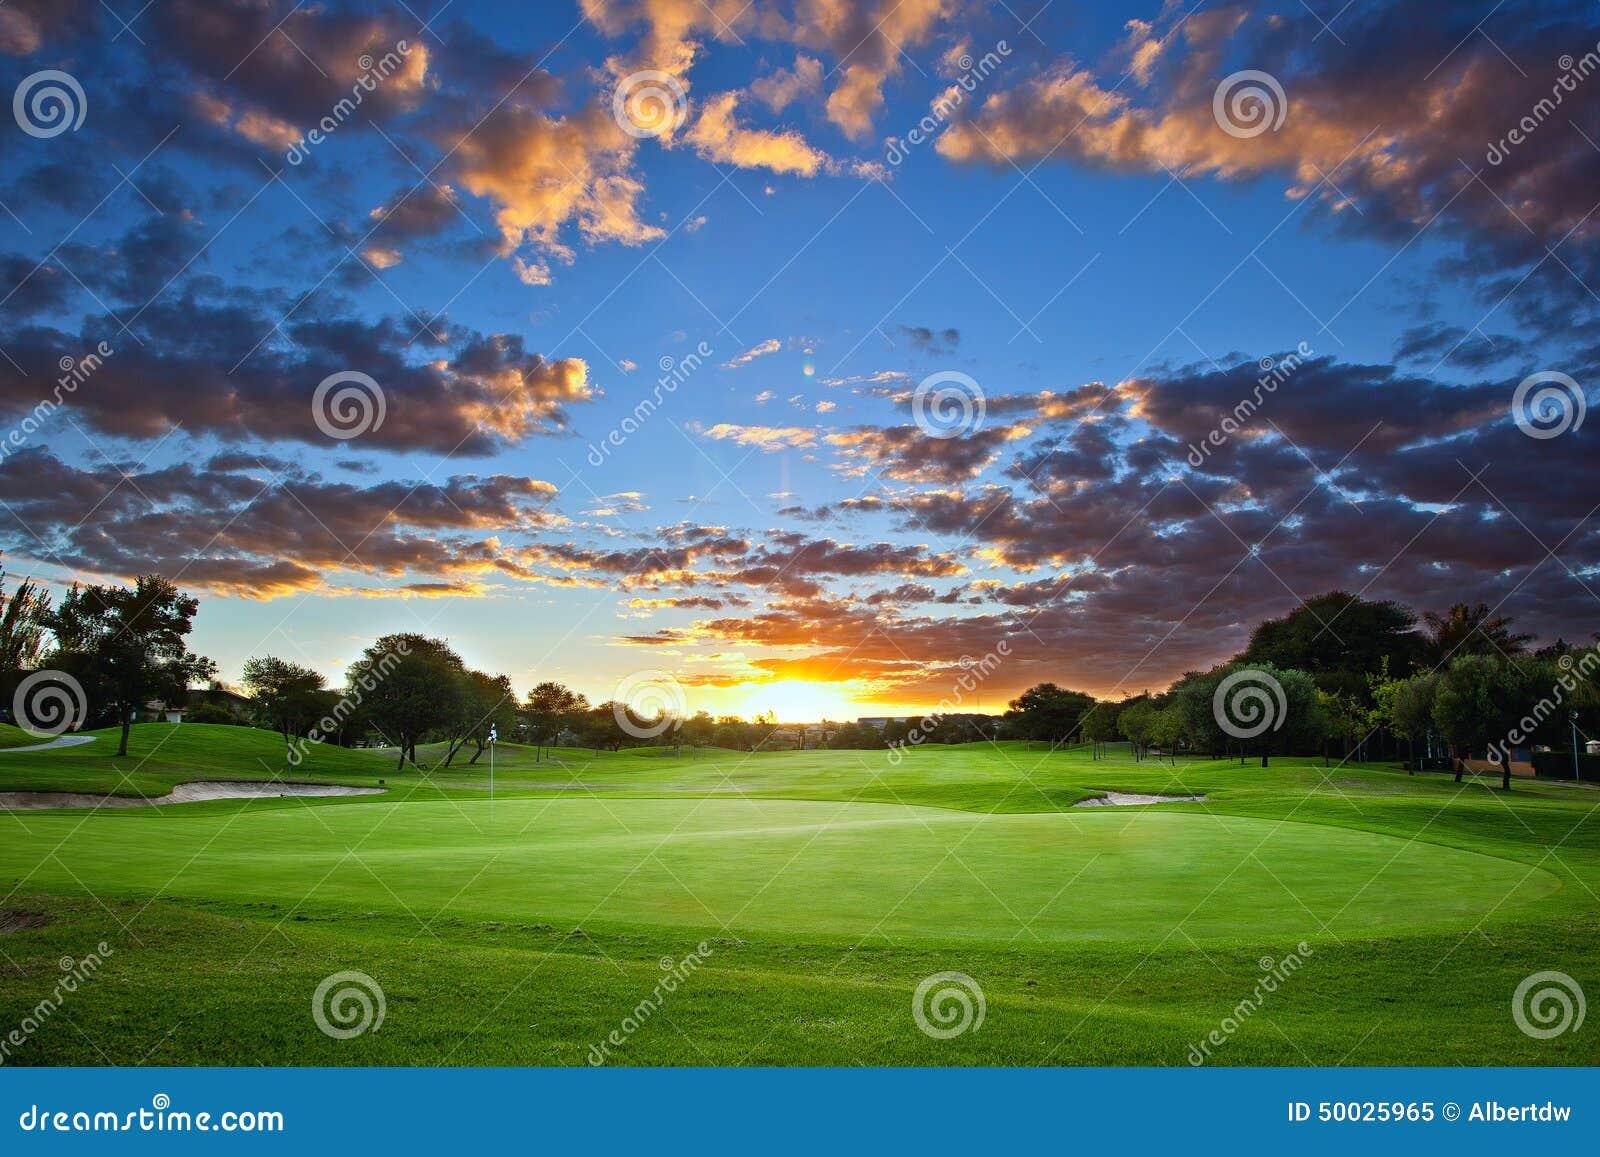 Puesta del sol sobre campo de golf